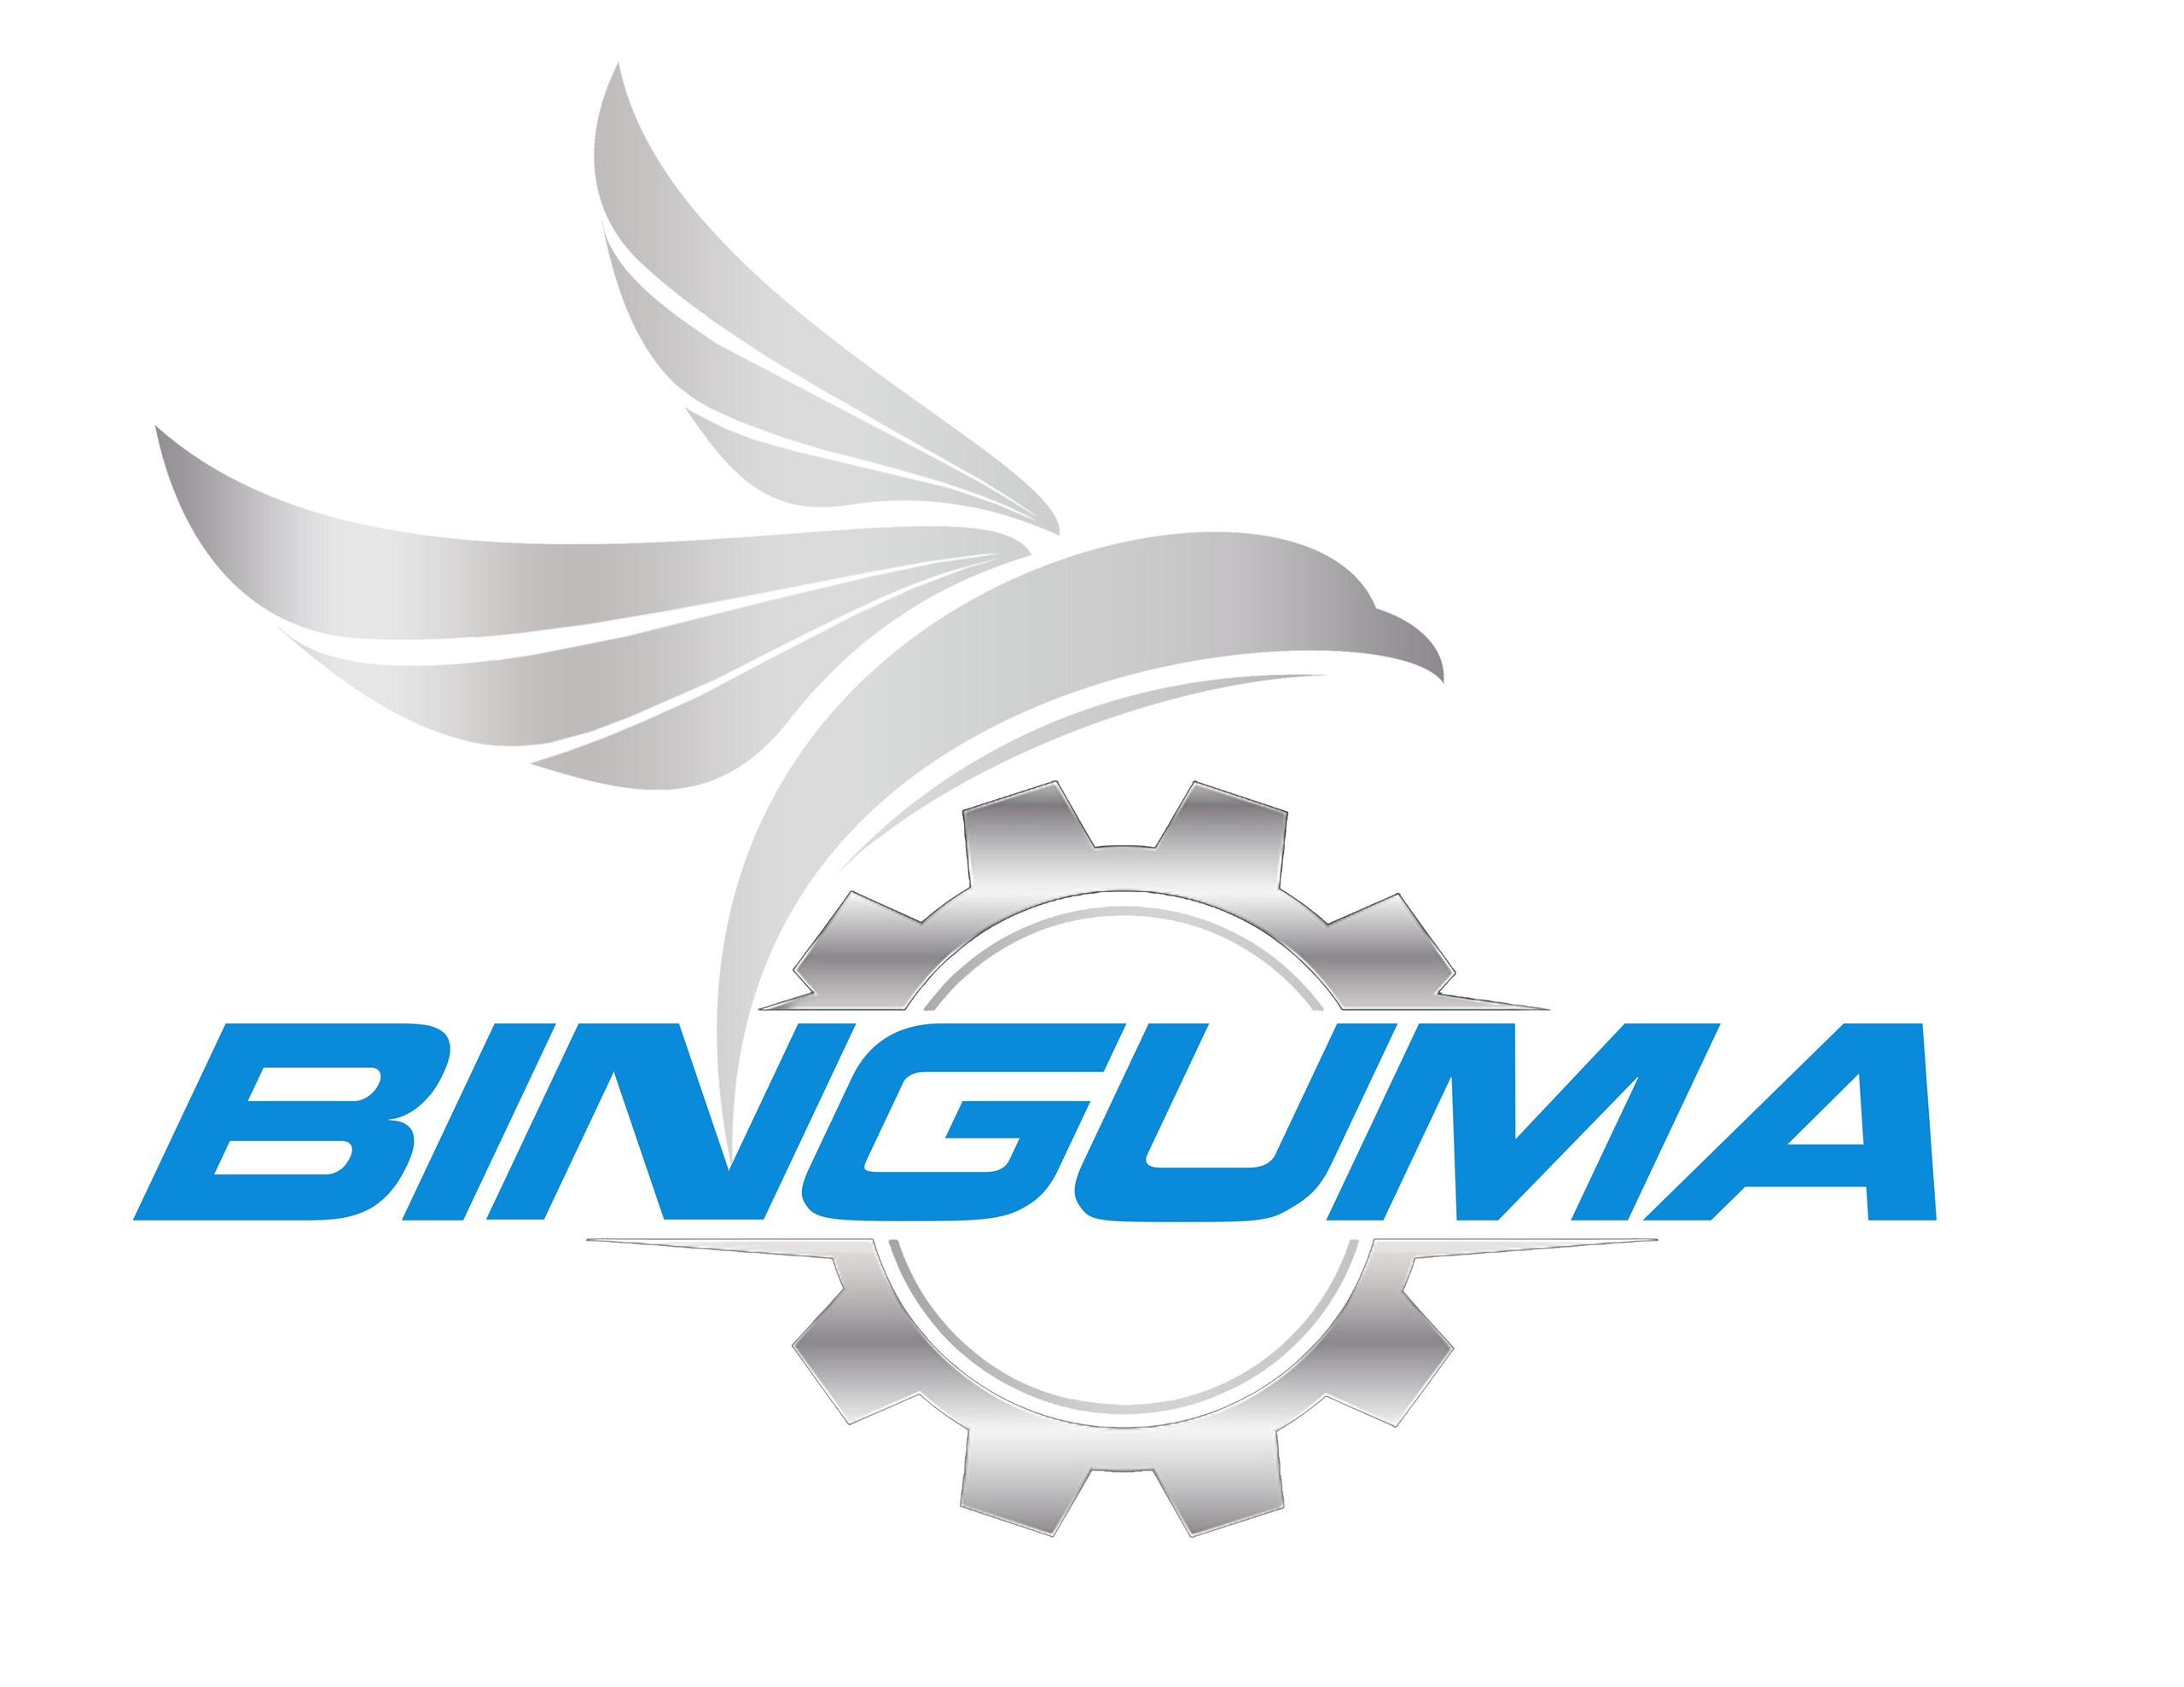 thiết kế logo thương hiệu binguma 1